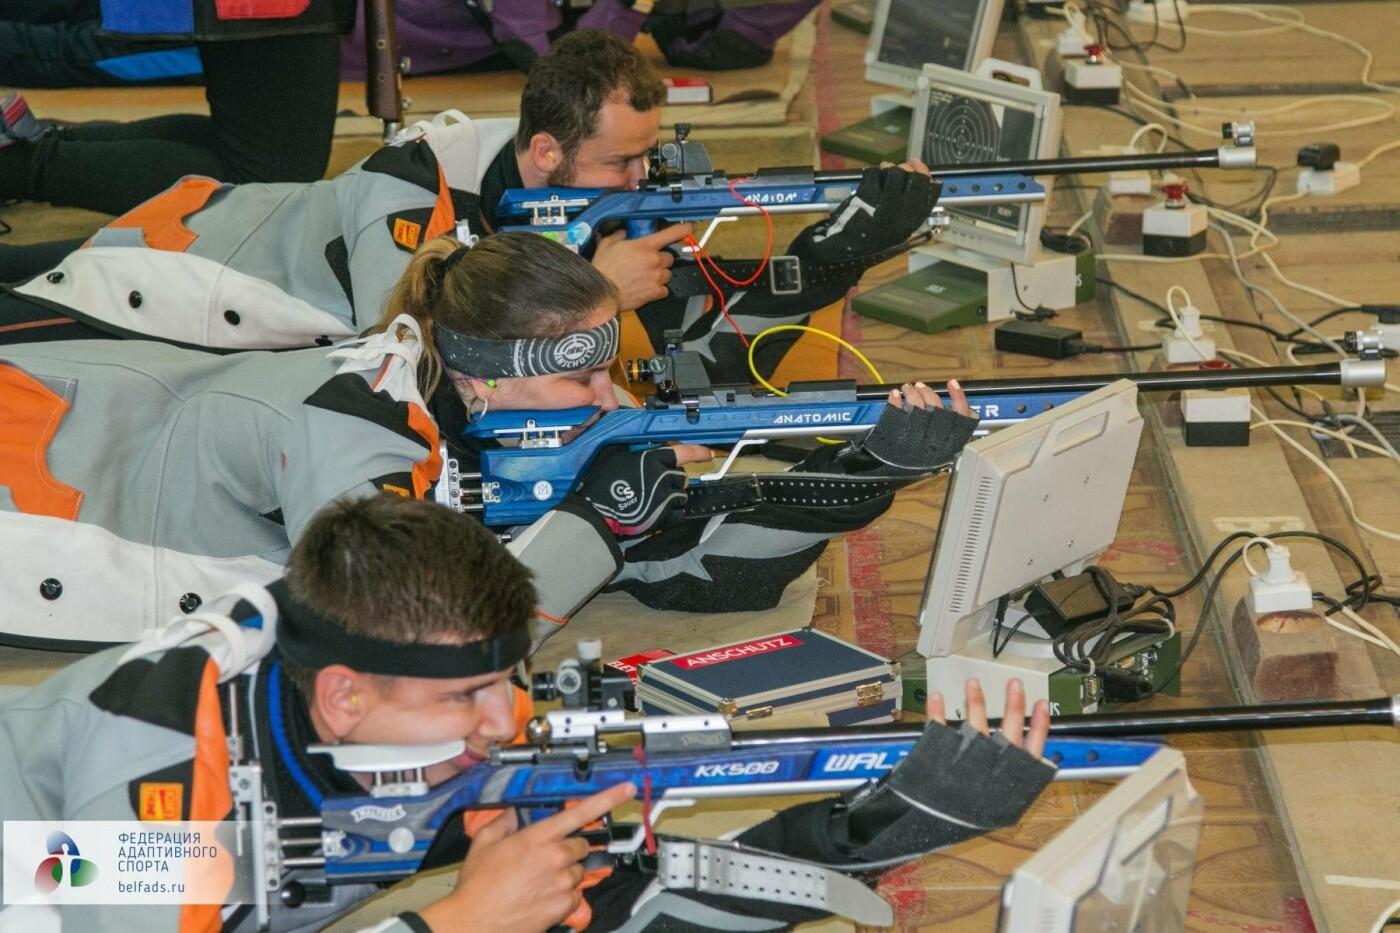 В Белгороде прошёл открытый личный Чемпионат по пулевой стрельбе среди лиц с нарушением слуха, фото-7